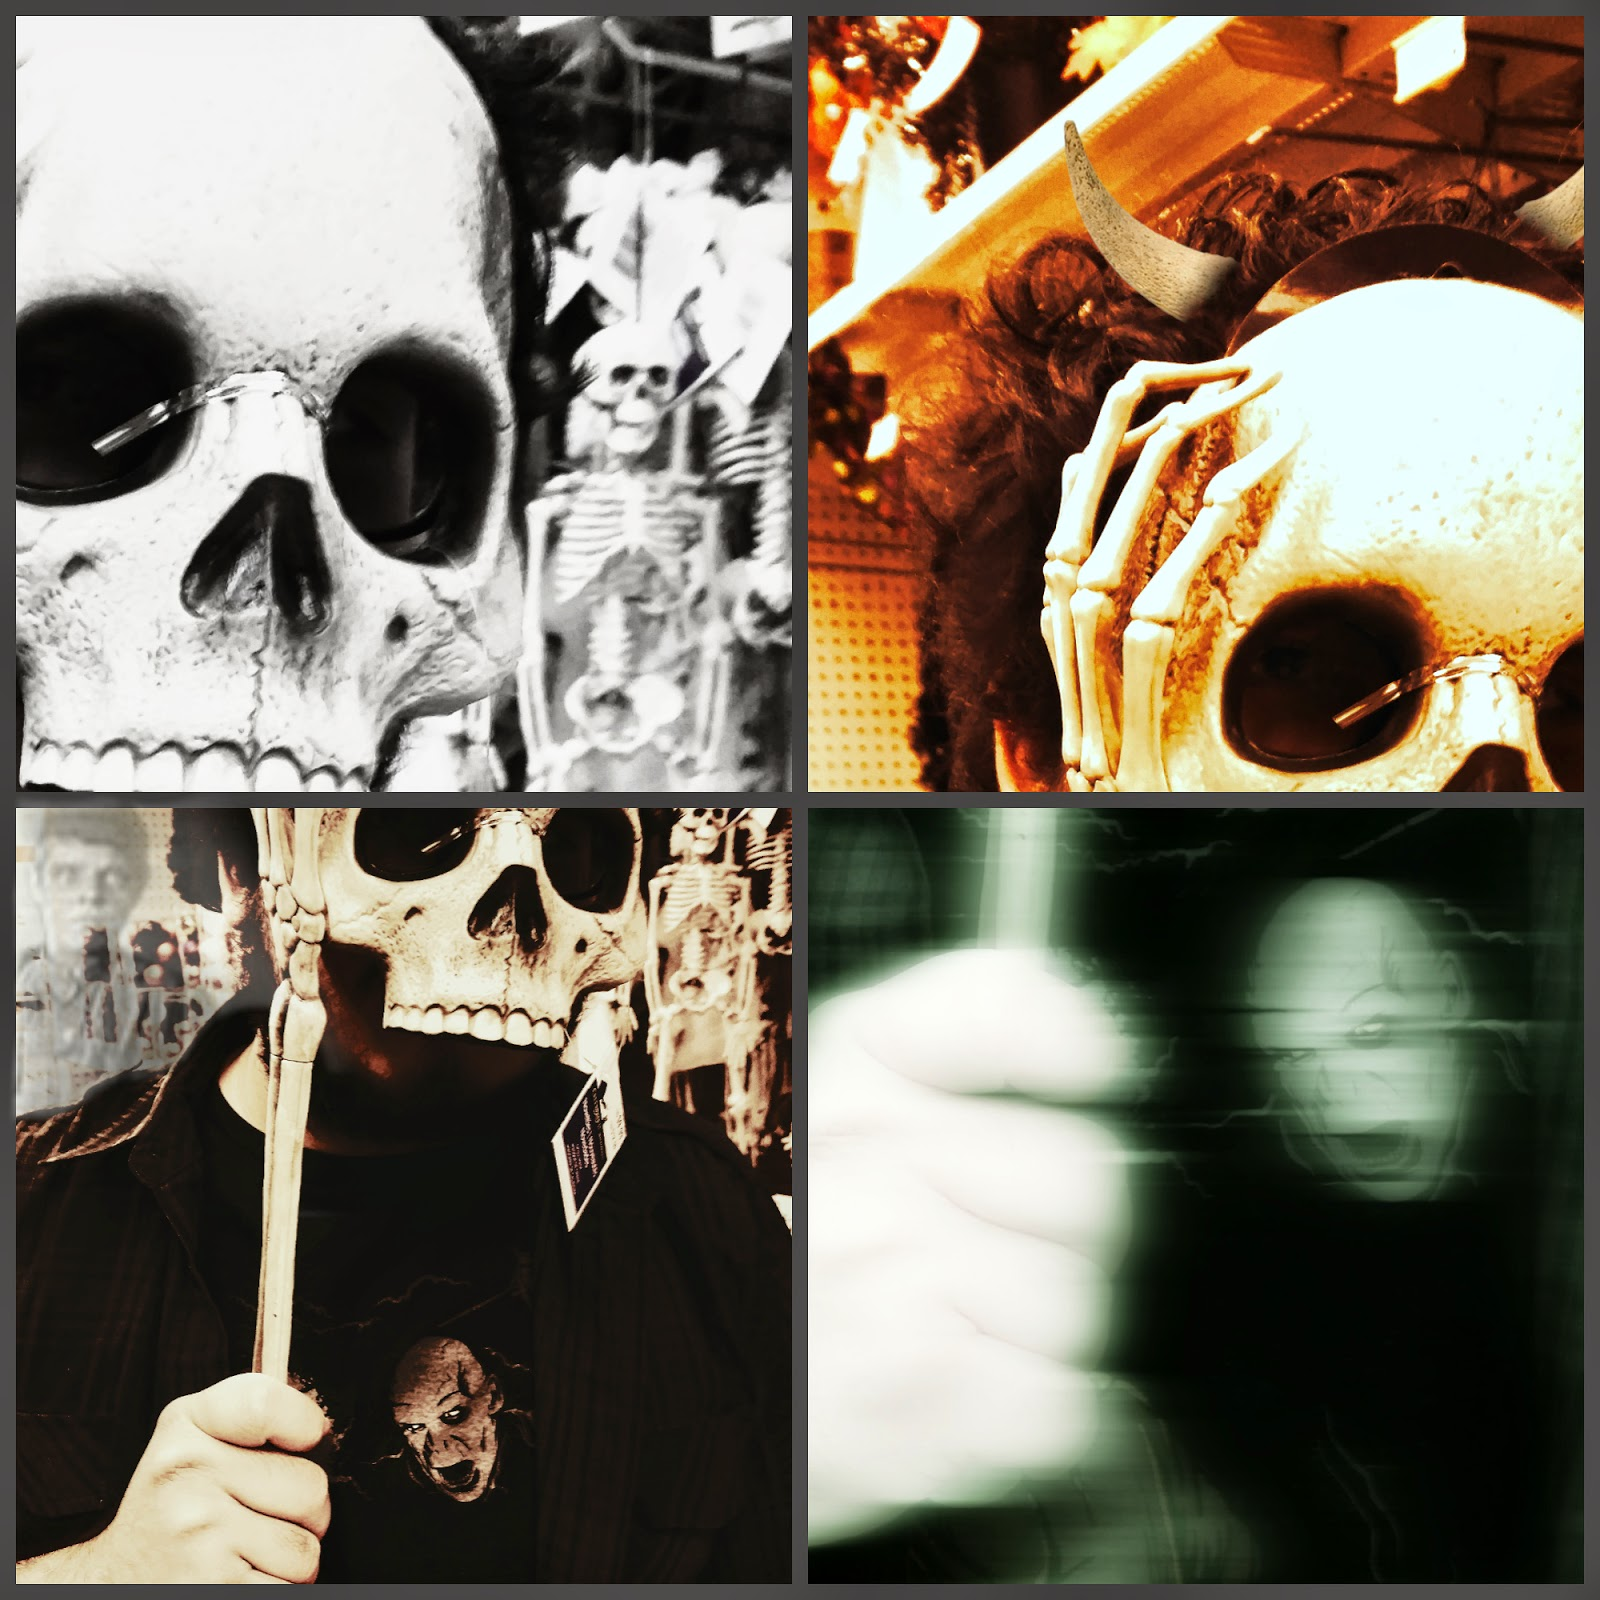 2014 Halloween Mdse Sightings In Stores: PlumViolet: Haunted Humpday Sightings